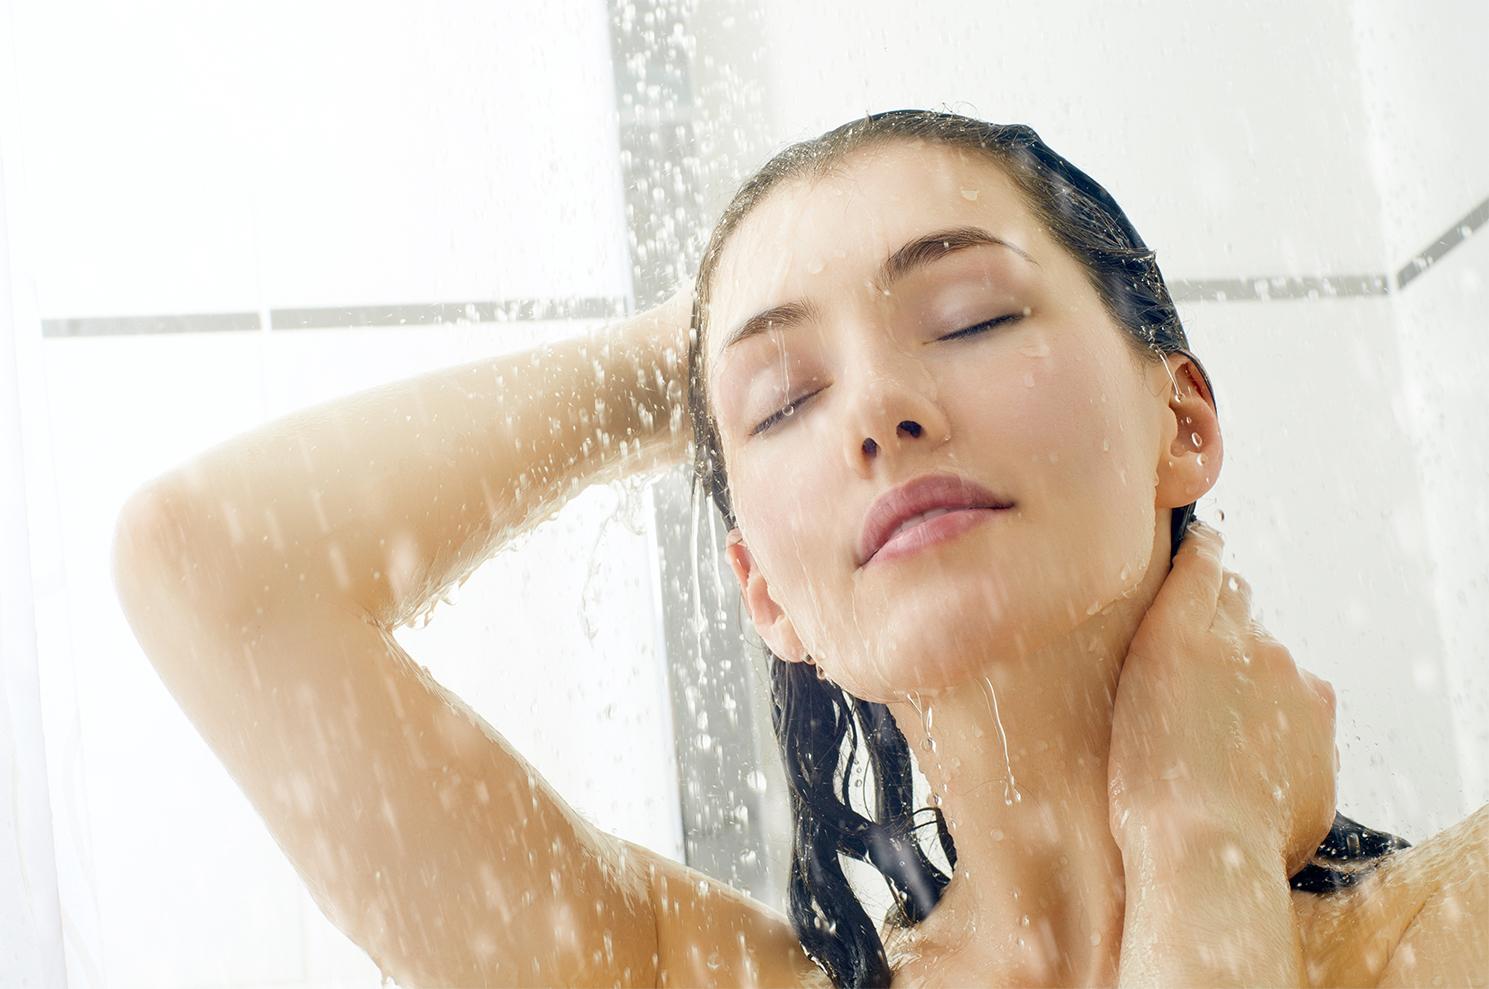 Lavar o cabelo é um hábito comum que praticamos em casa, mas será que existe uma frequência certa para realizar a higiene do couro cabeludo e dos fios?